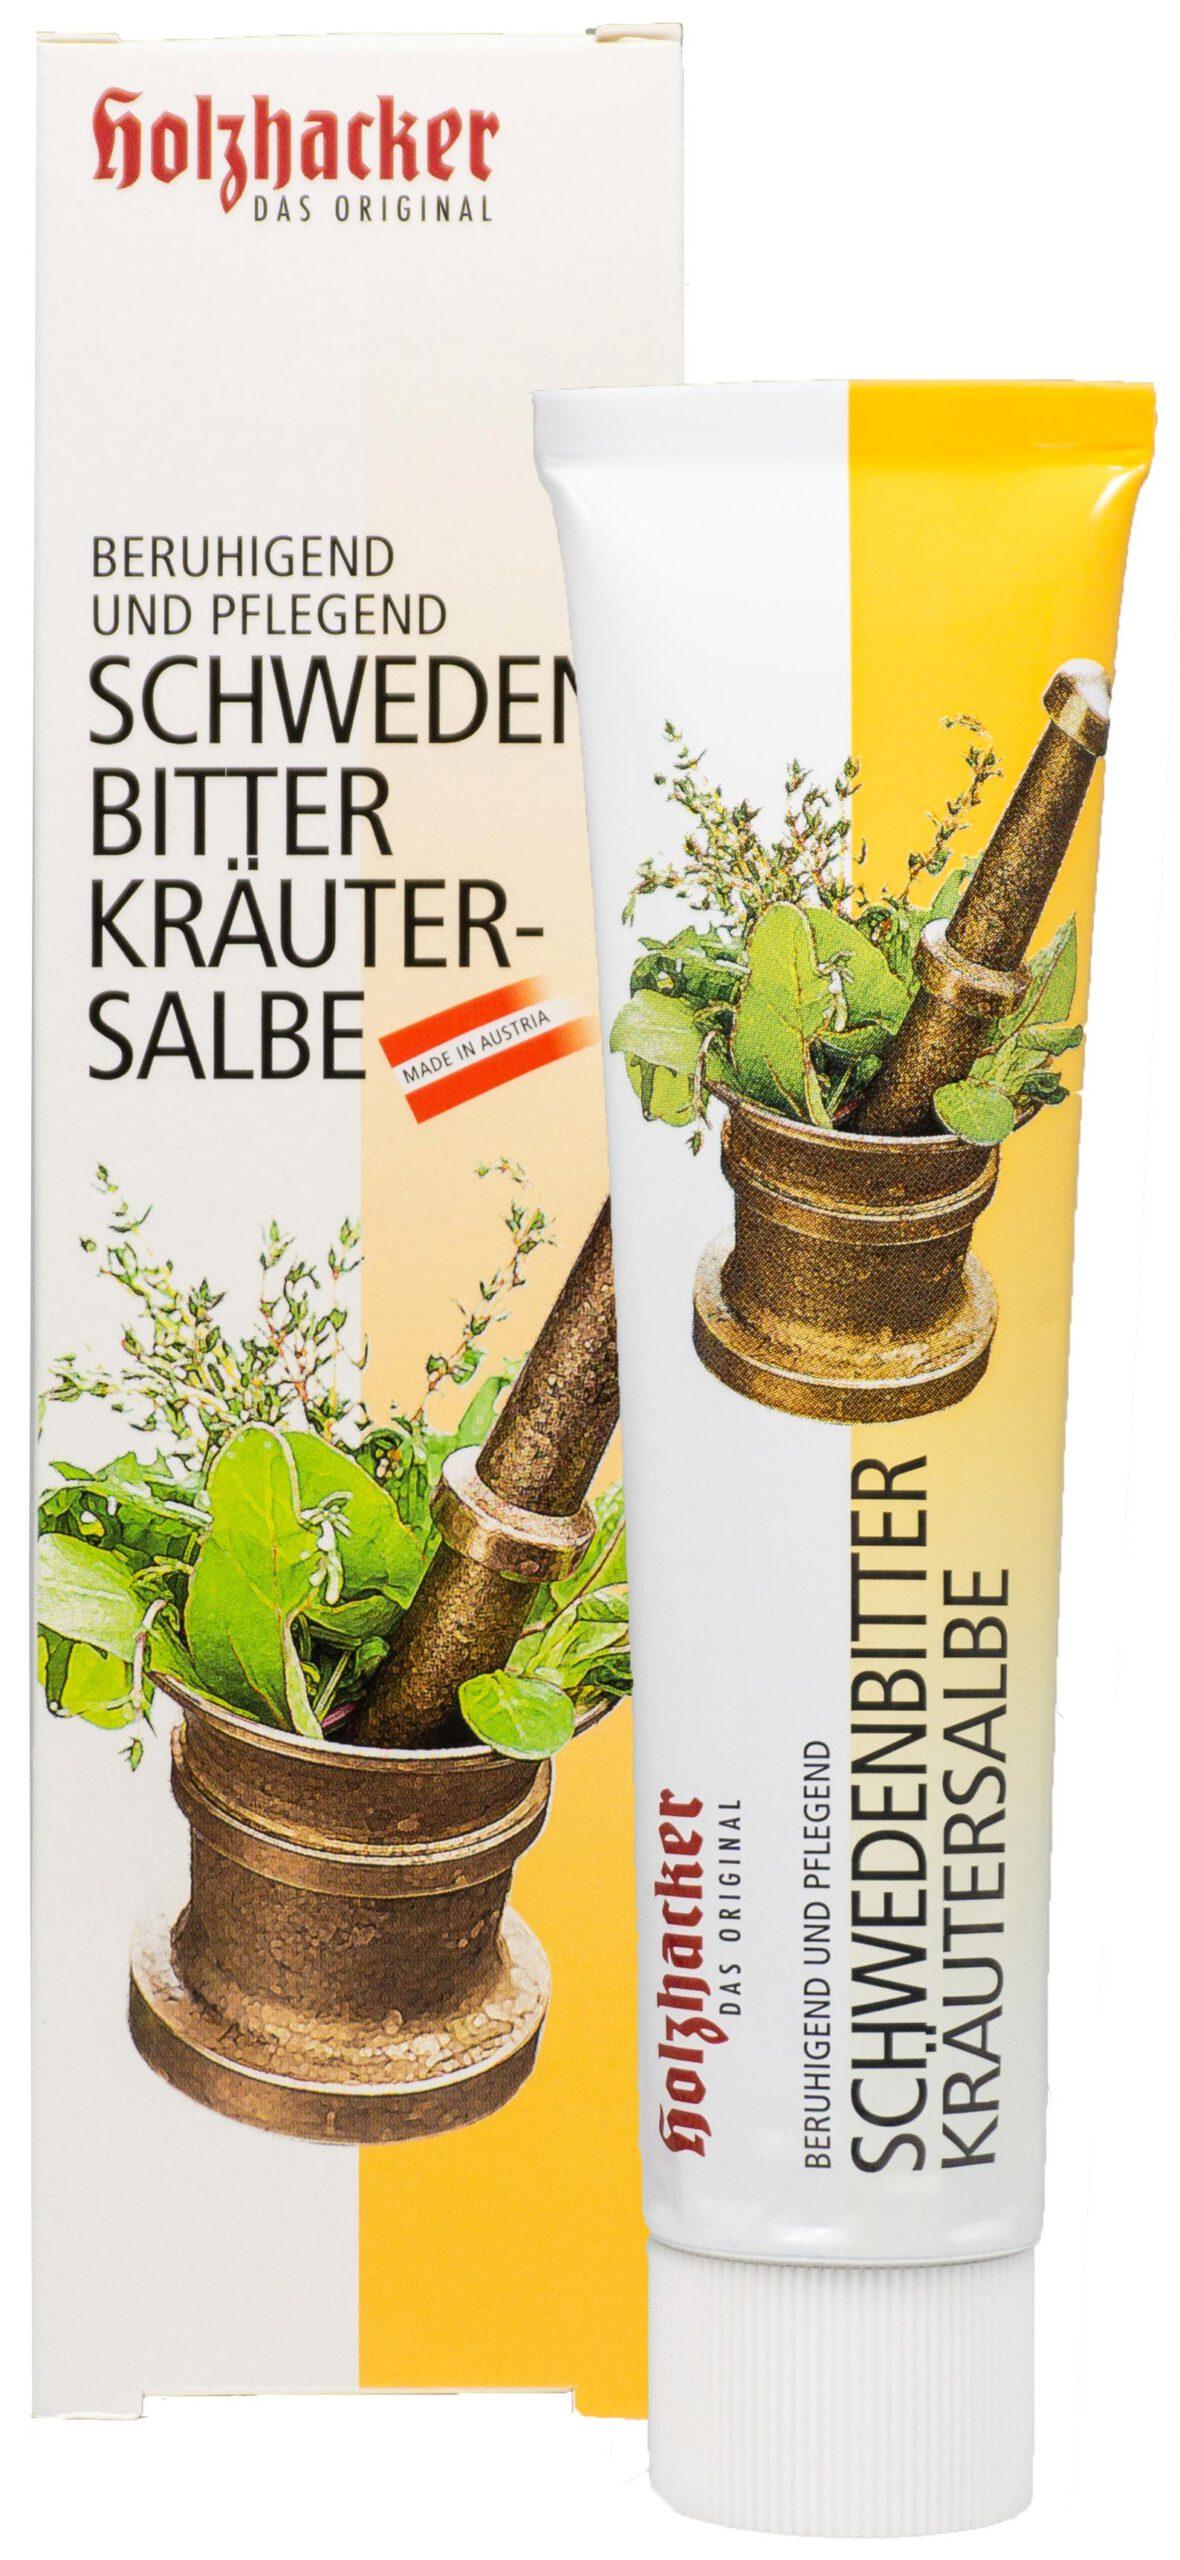 Schwedenbitter Kräutersalbe Image